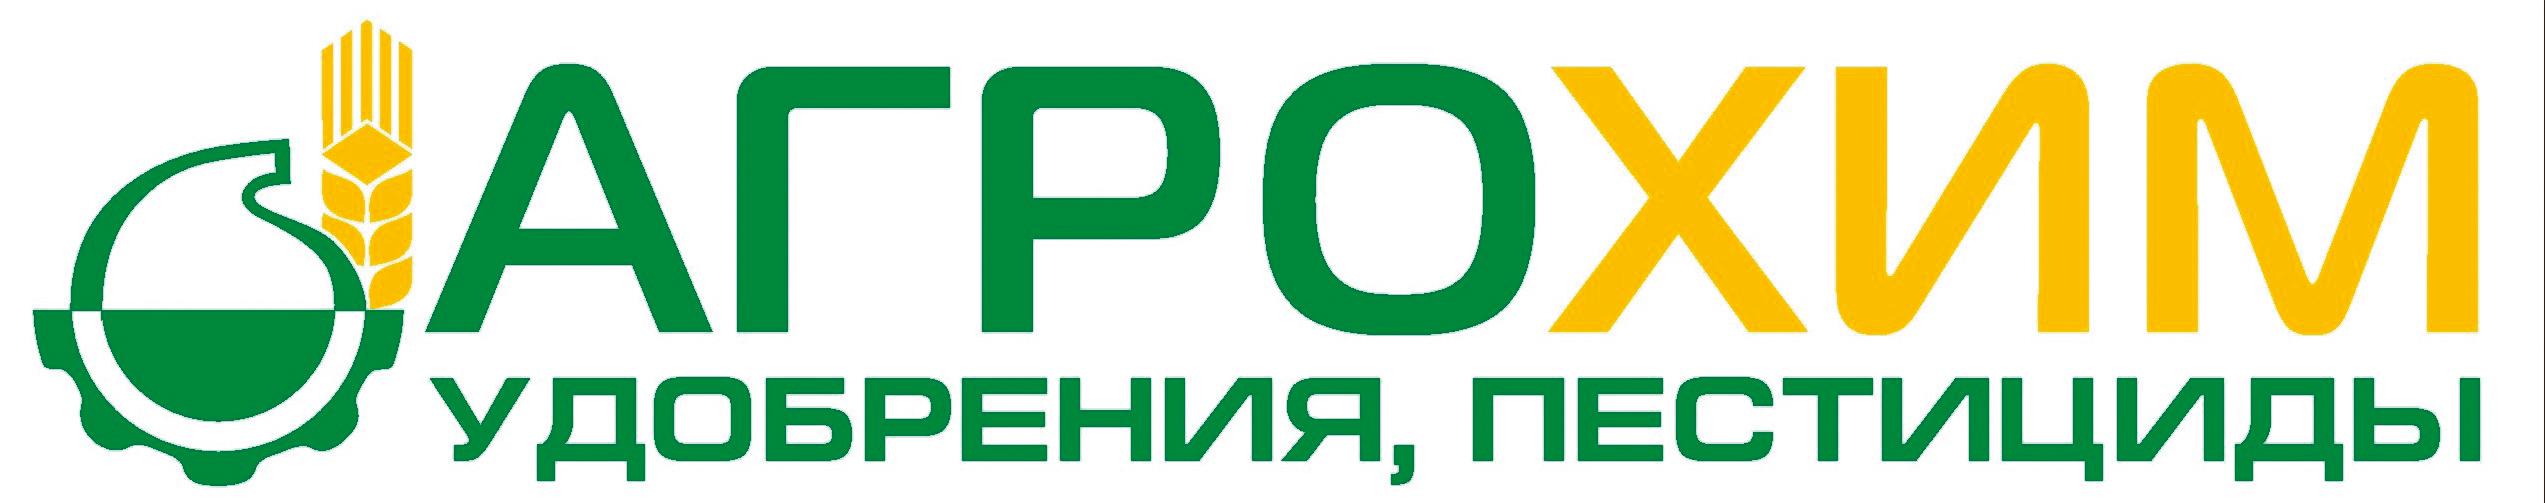 ООО «Агрохим»